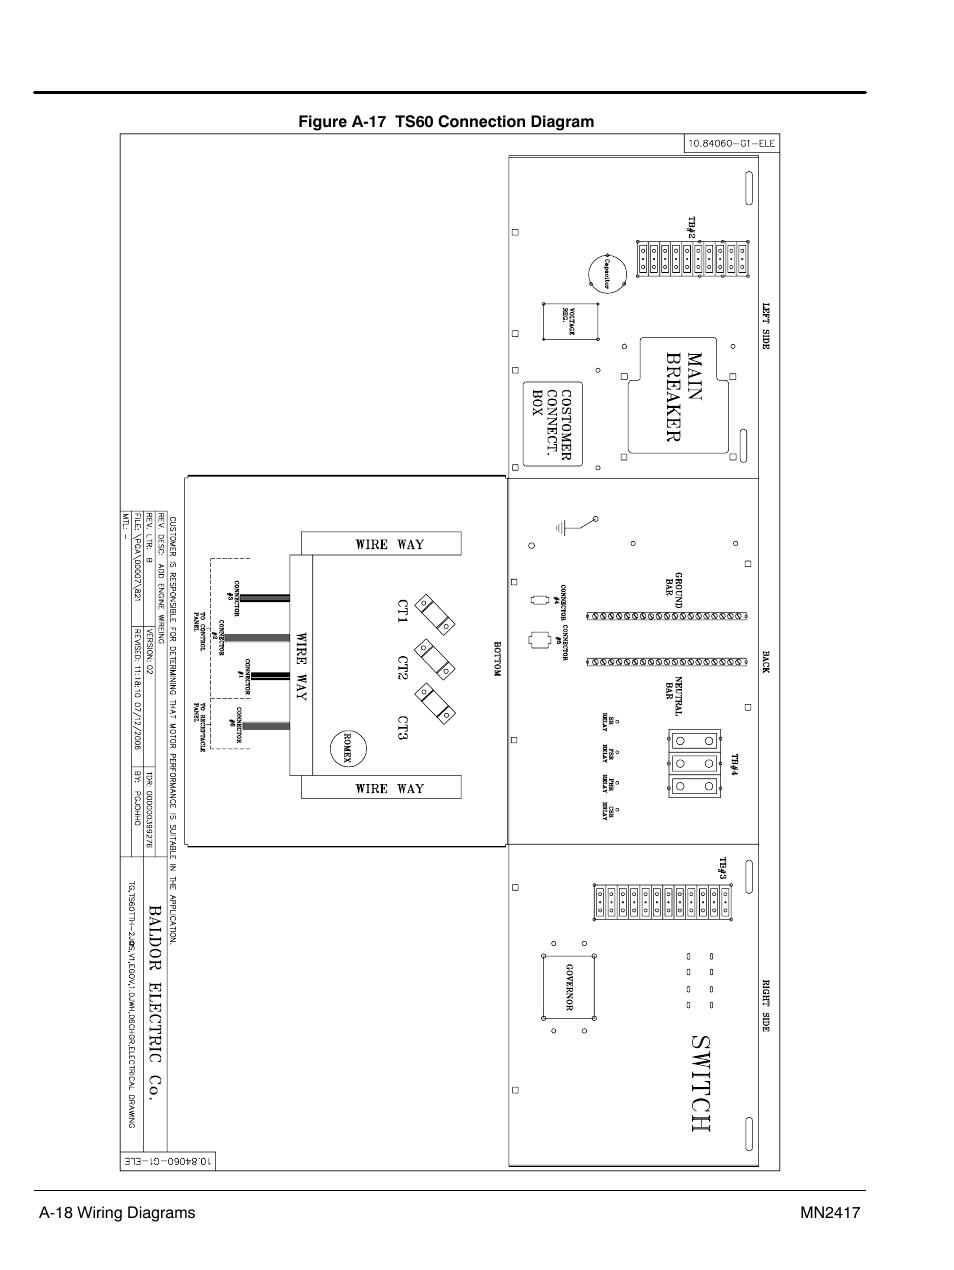 Ts250 Wiring Diagram | Wiring Liry on suzuki gt550 wiring diagram, suzuki dr350 wiring diagram, suzuki ls650 wiring diagram, suzuki gs450 wiring diagram, suzuki fz50 wiring diagram, suzuki ts185 wiring diagram, suzuki sv650 wiring diagram, suzuki gt250 wiring diagram, suzuki lt160 wiring diagram, suzuki fa50 wiring diagram, suzuki or50 wiring diagram, suzuki vz800 wiring diagram, suzuki gs750 wiring diagram, suzuki rv90 wiring diagram, suzuki gs400 wiring diagram, suzuki gt750 wiring diagram, suzuki gs850 wiring diagram, suzuki lt50 wiring diagram, suzuki lt125 wiring diagram, suzuki t250 wiring diagram,